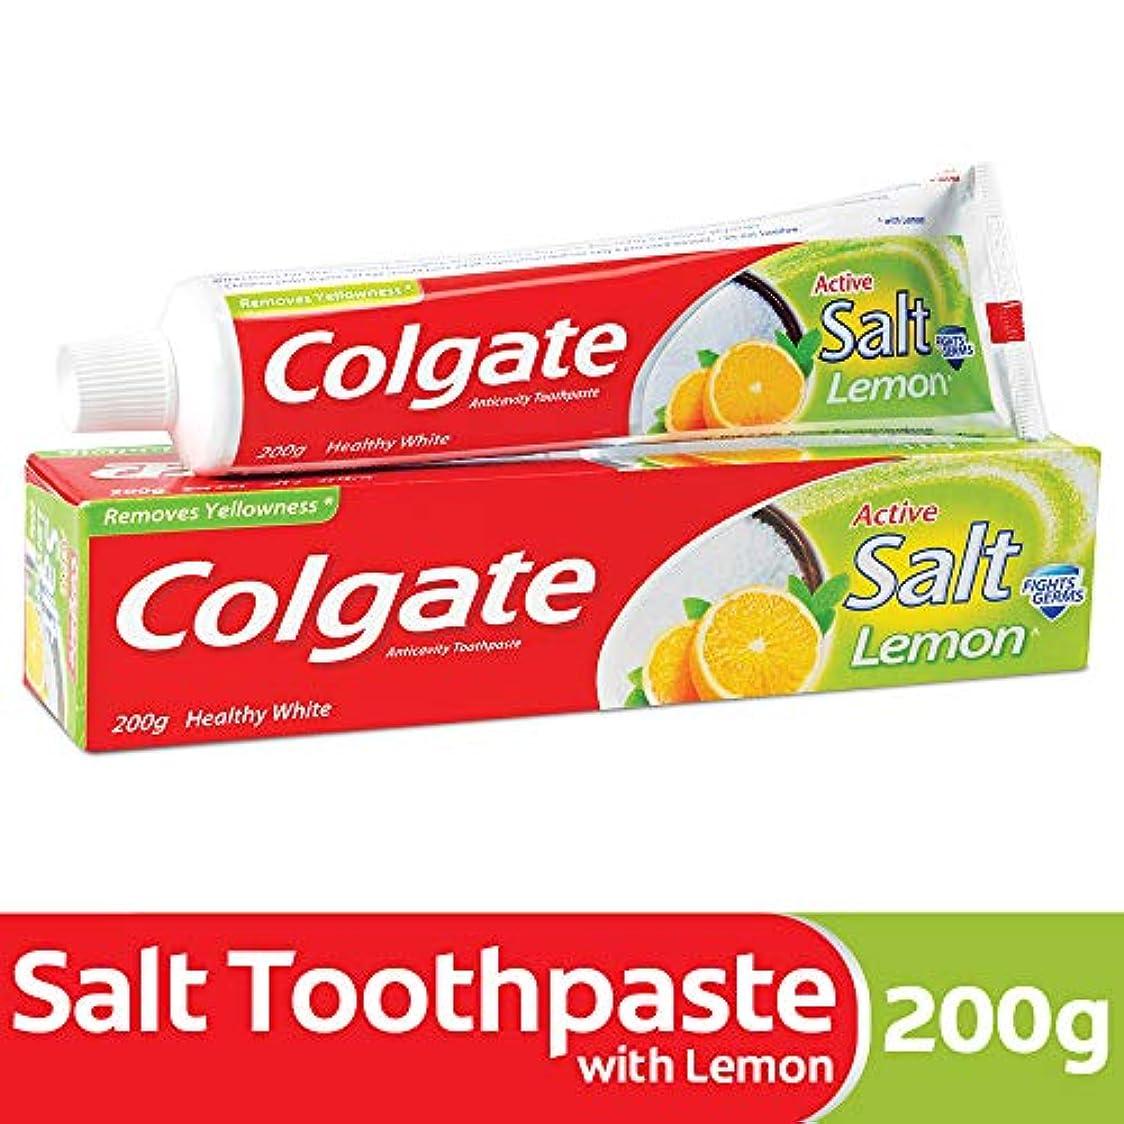 名詞エゴイズムデザイナーColgate Toothpaste Active Salt - 200 g (Salt and Lemon)